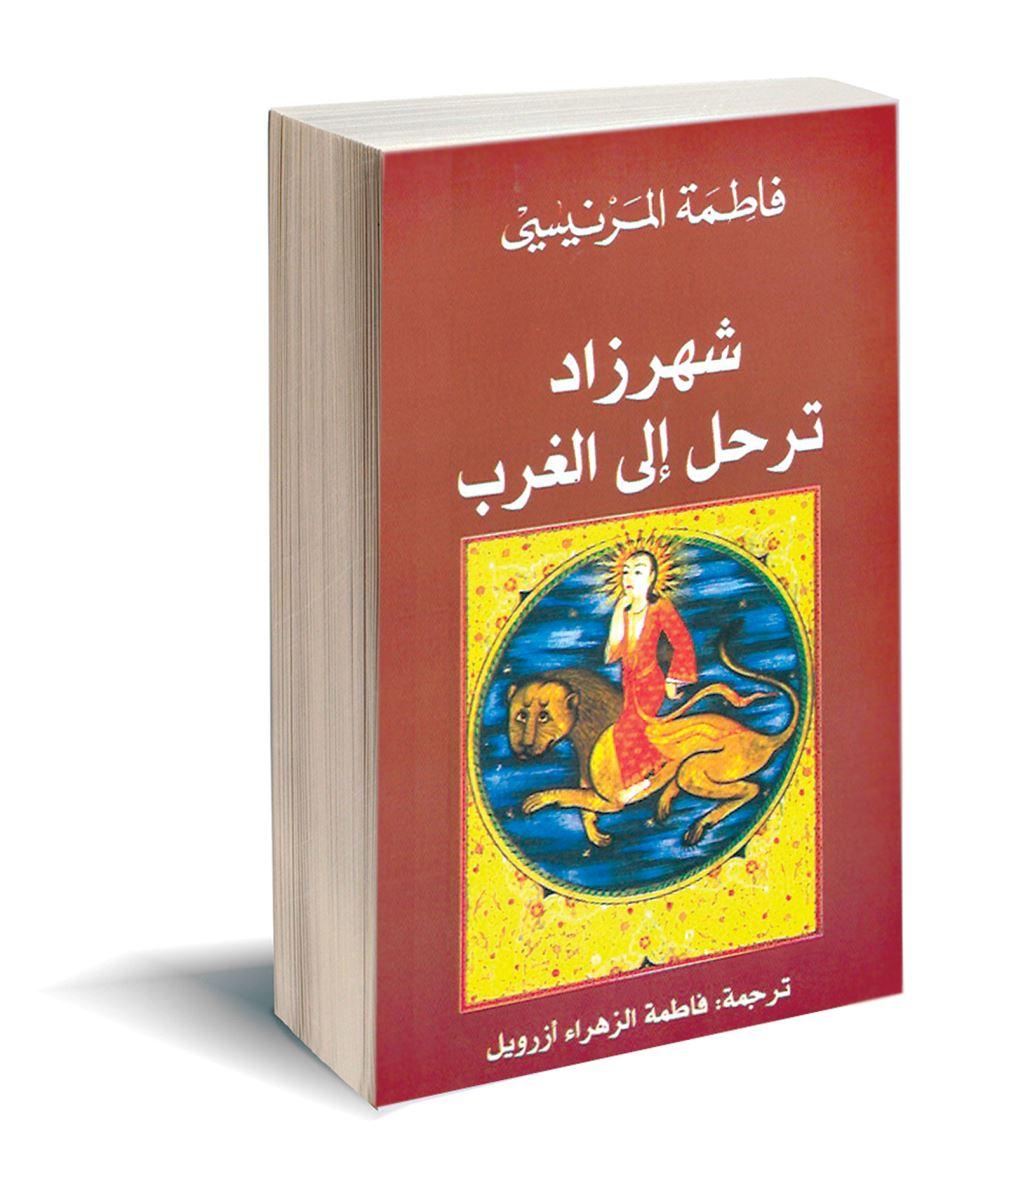 كتاب «شهرزاد ترحل إلى الغرب» للمرنيسي